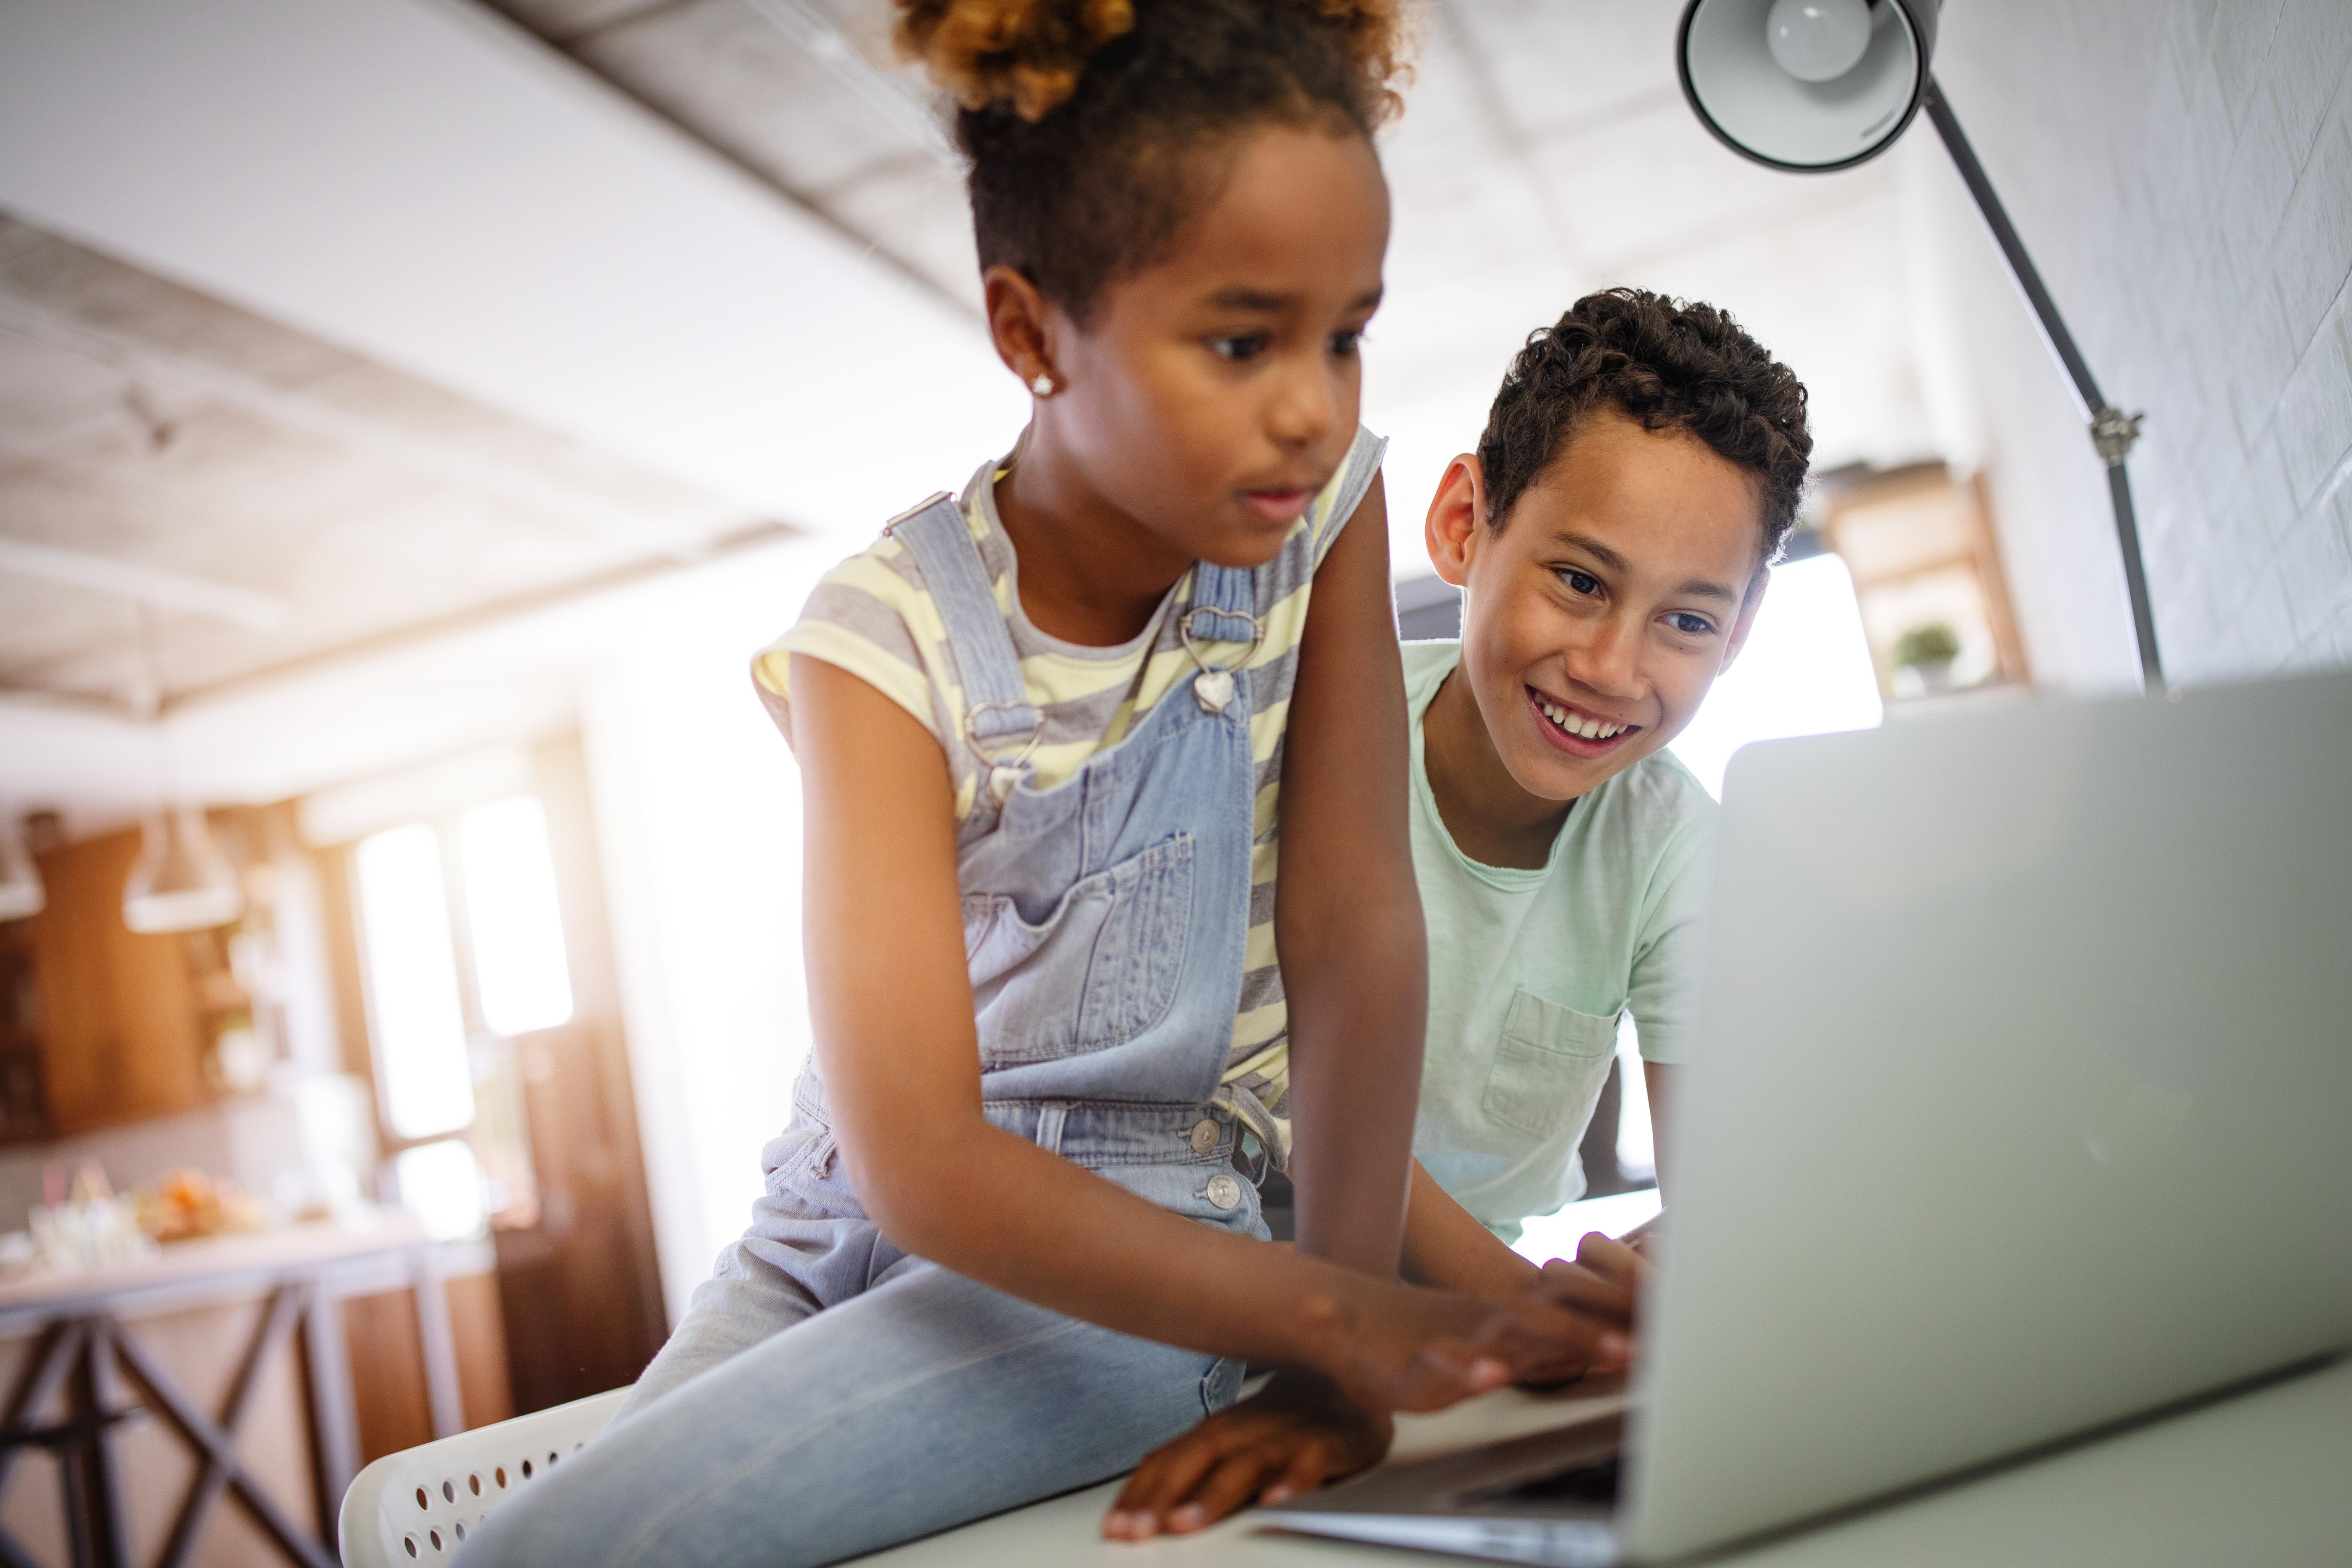 Internet Smarts: Keeping Your Child Safe Online